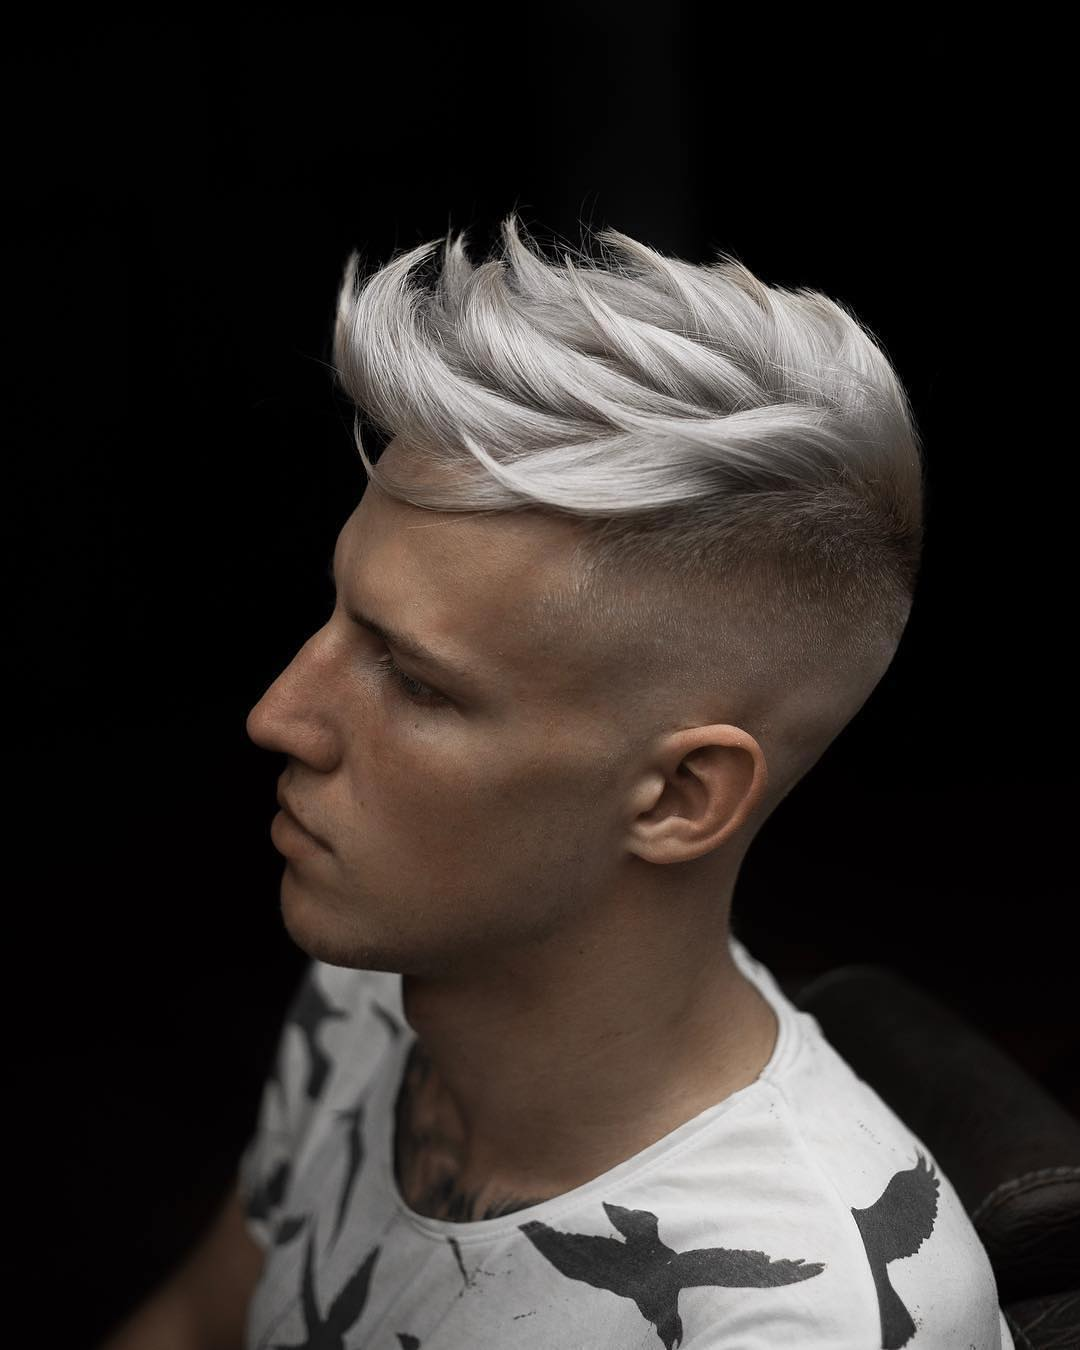 d534a3ef211 Os cortes de cabelo masculino 2019 e as tendências de cabelo masculino 2019  citados no vídeo estão abaixo